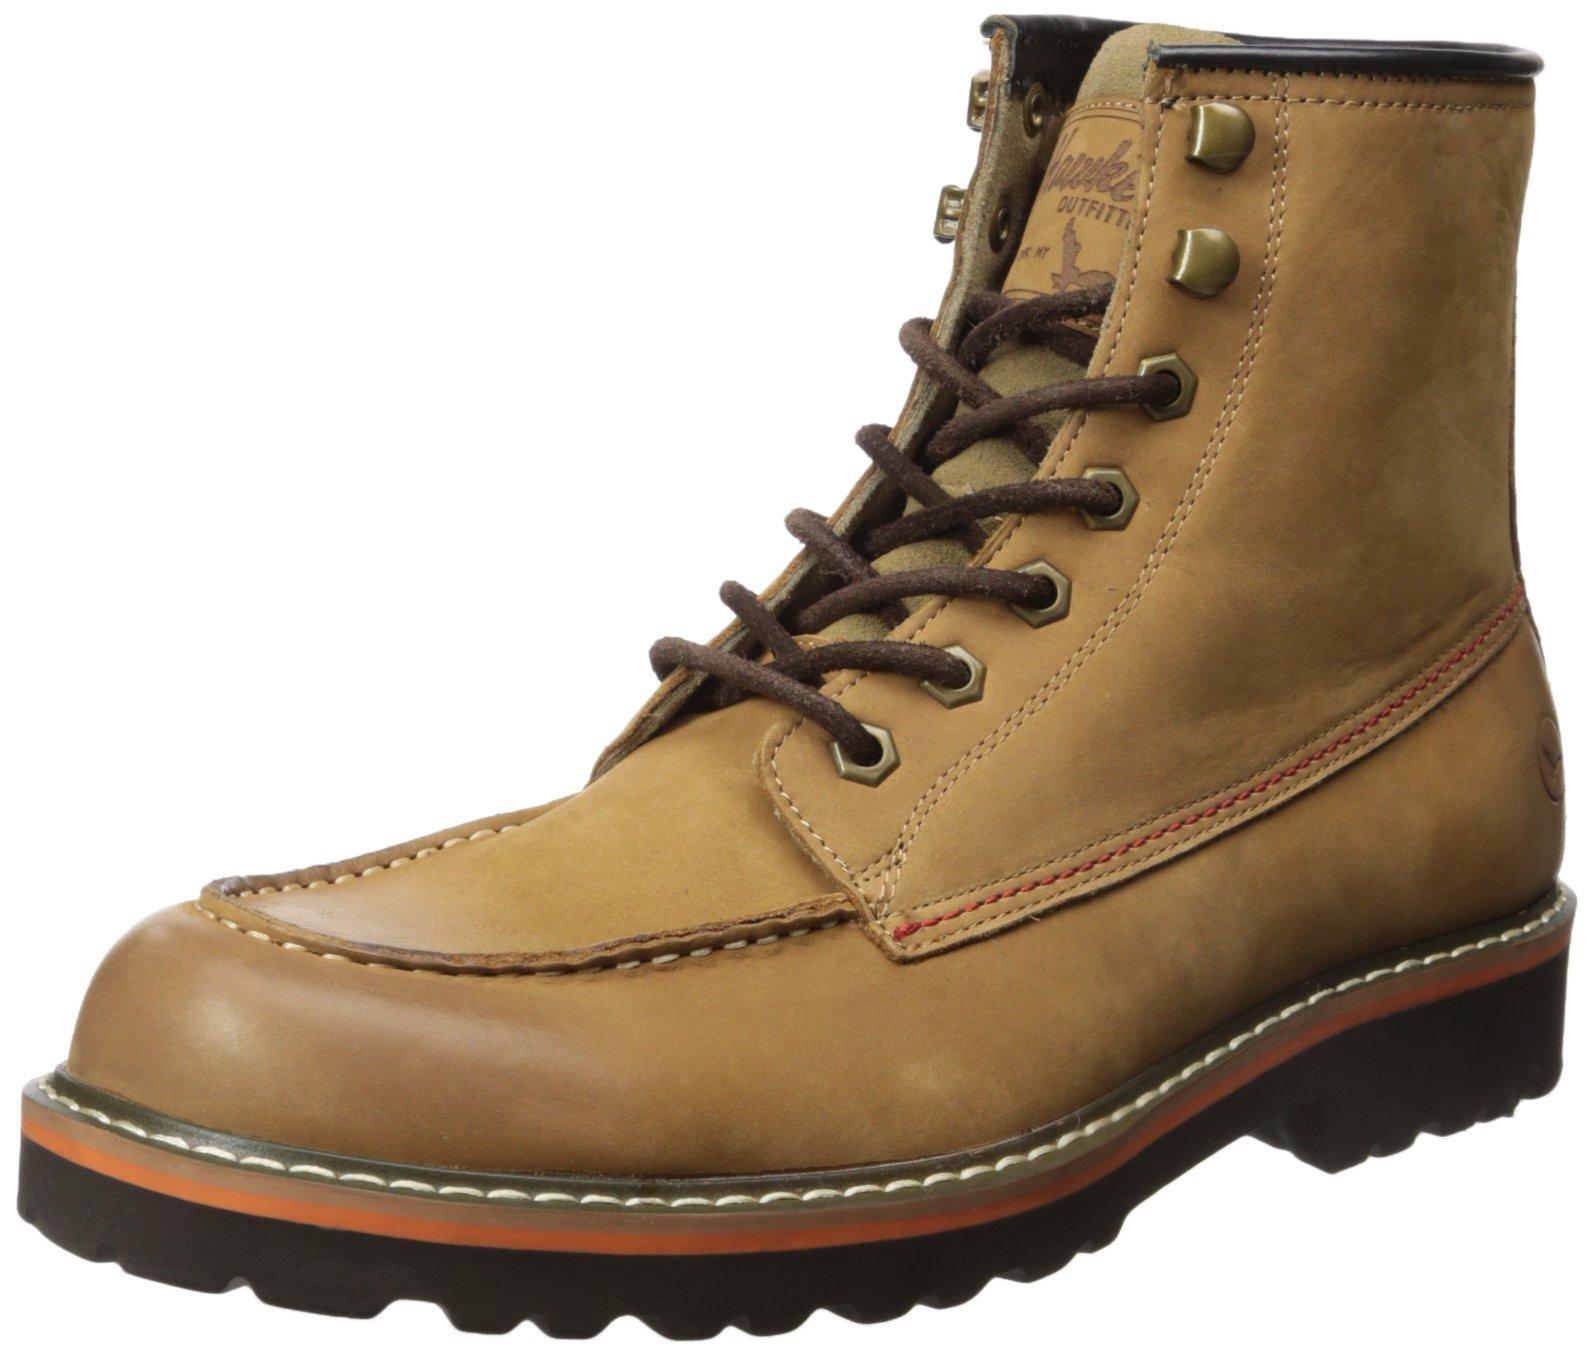 Hawke & Co Men's Harrison Work Boot, Wheat, 10.5 M US